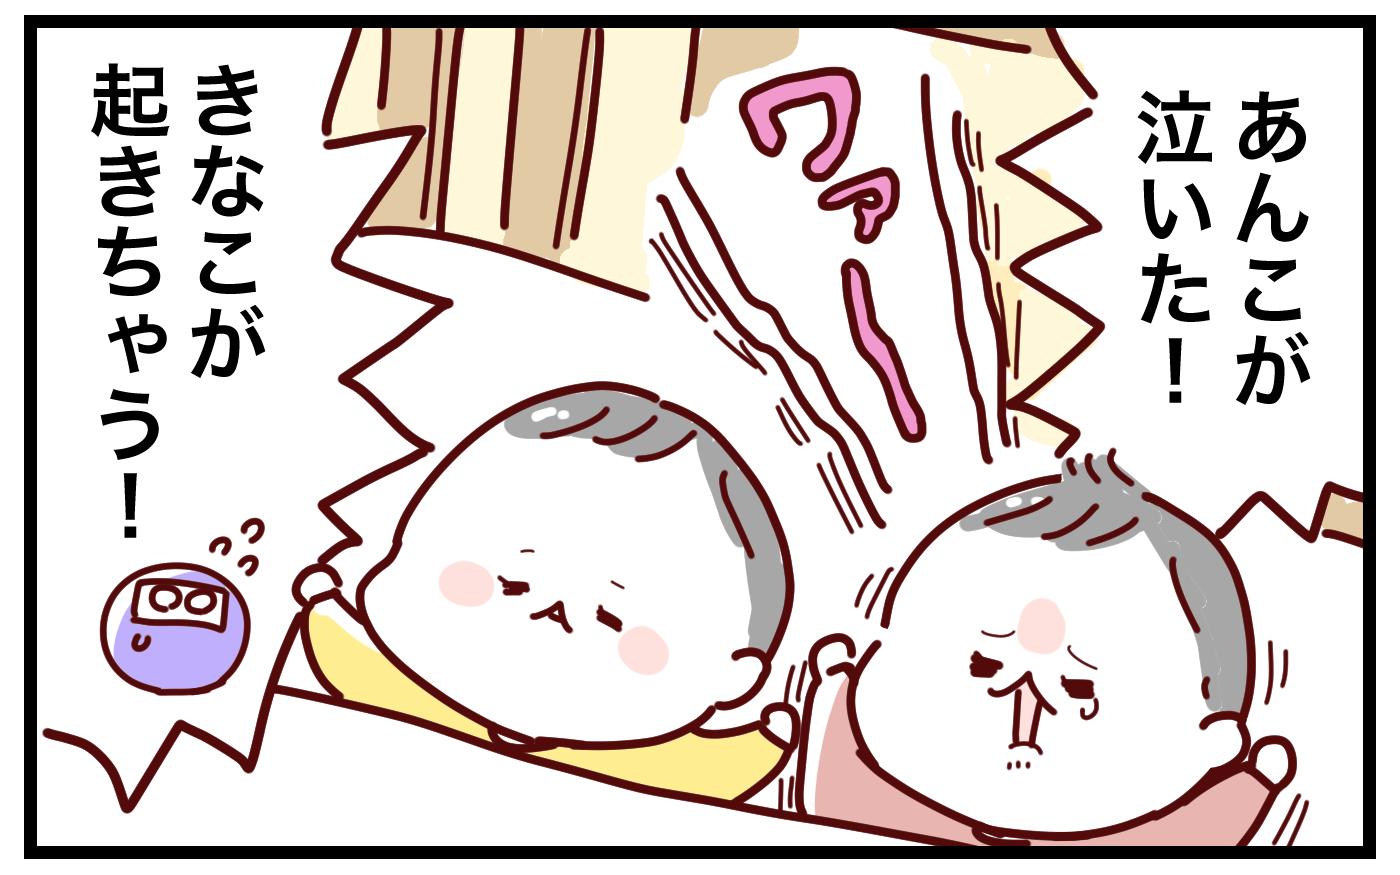 双子の赤ちゃんの寝かしつけ。一人が泣いたら、もう一人も起きちゃう!?